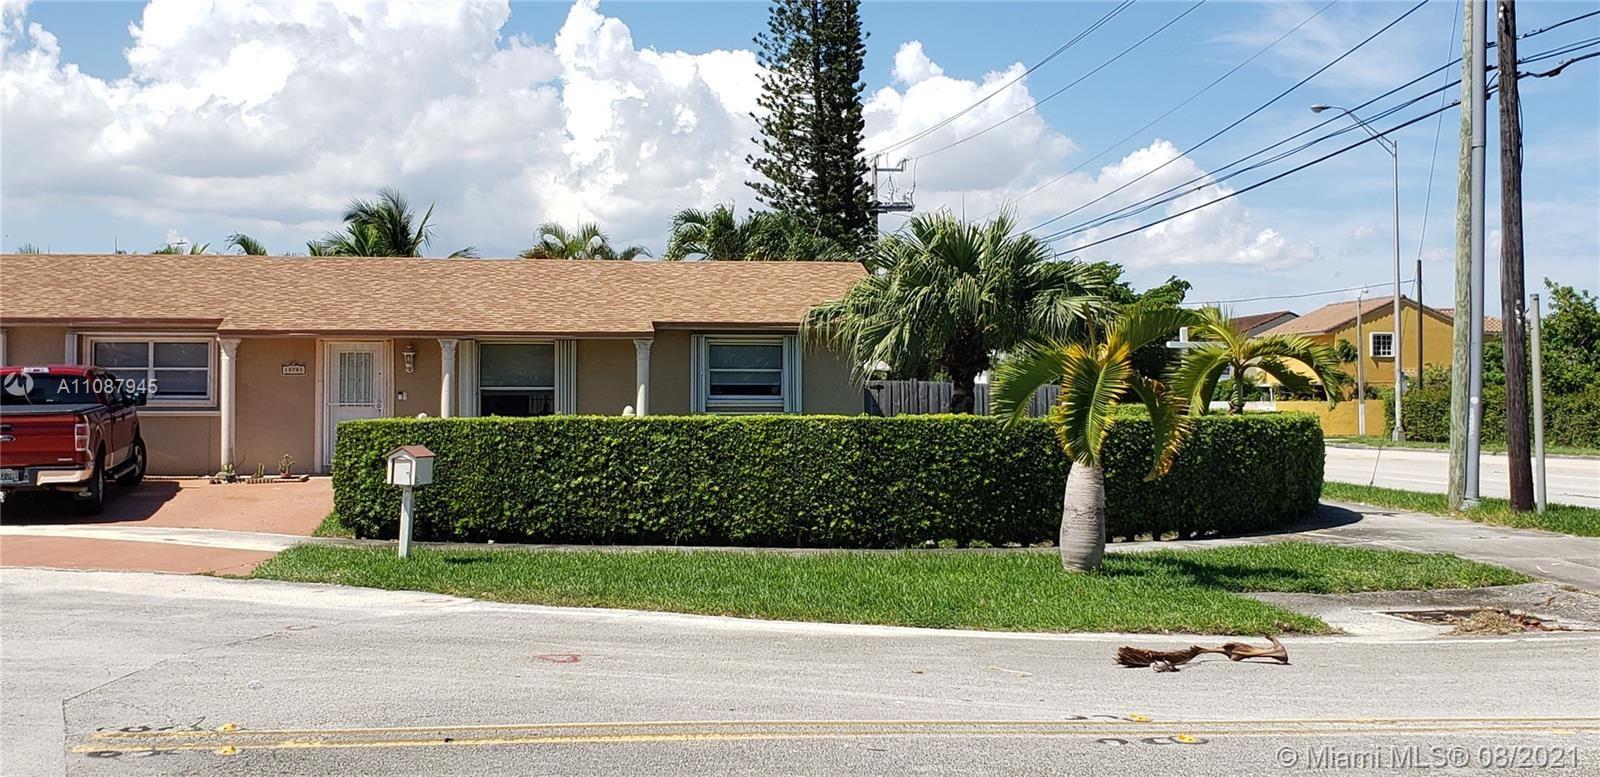 10701 SW 69th St, Miami, FL 33173 - #: A11087945